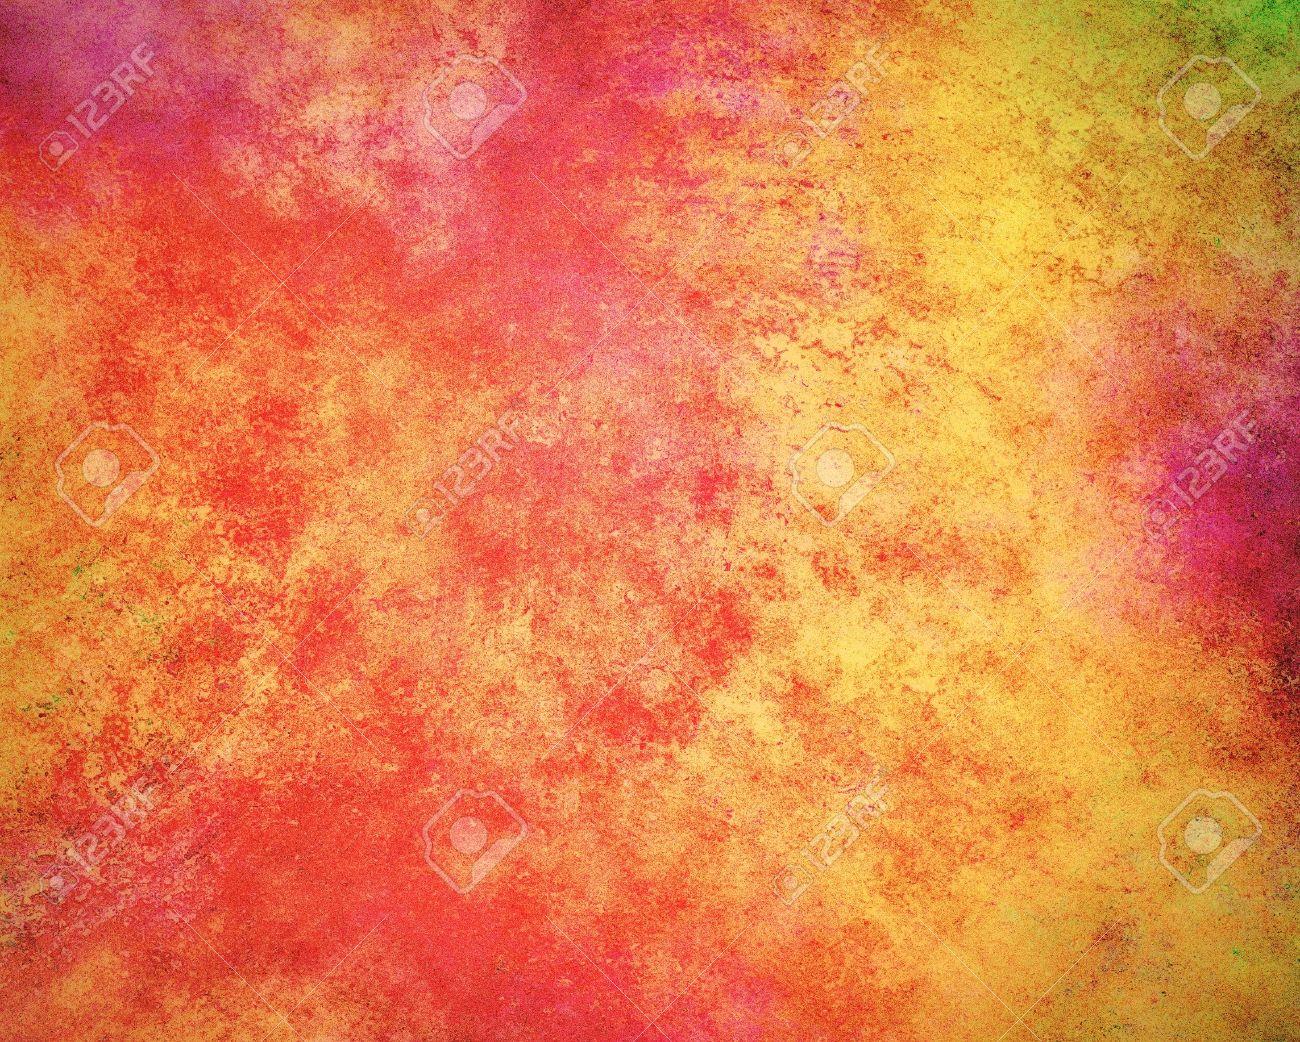 Abstraite D\'or Sur Fond Rouge Rose Orange Et Jaune Couleurs ...